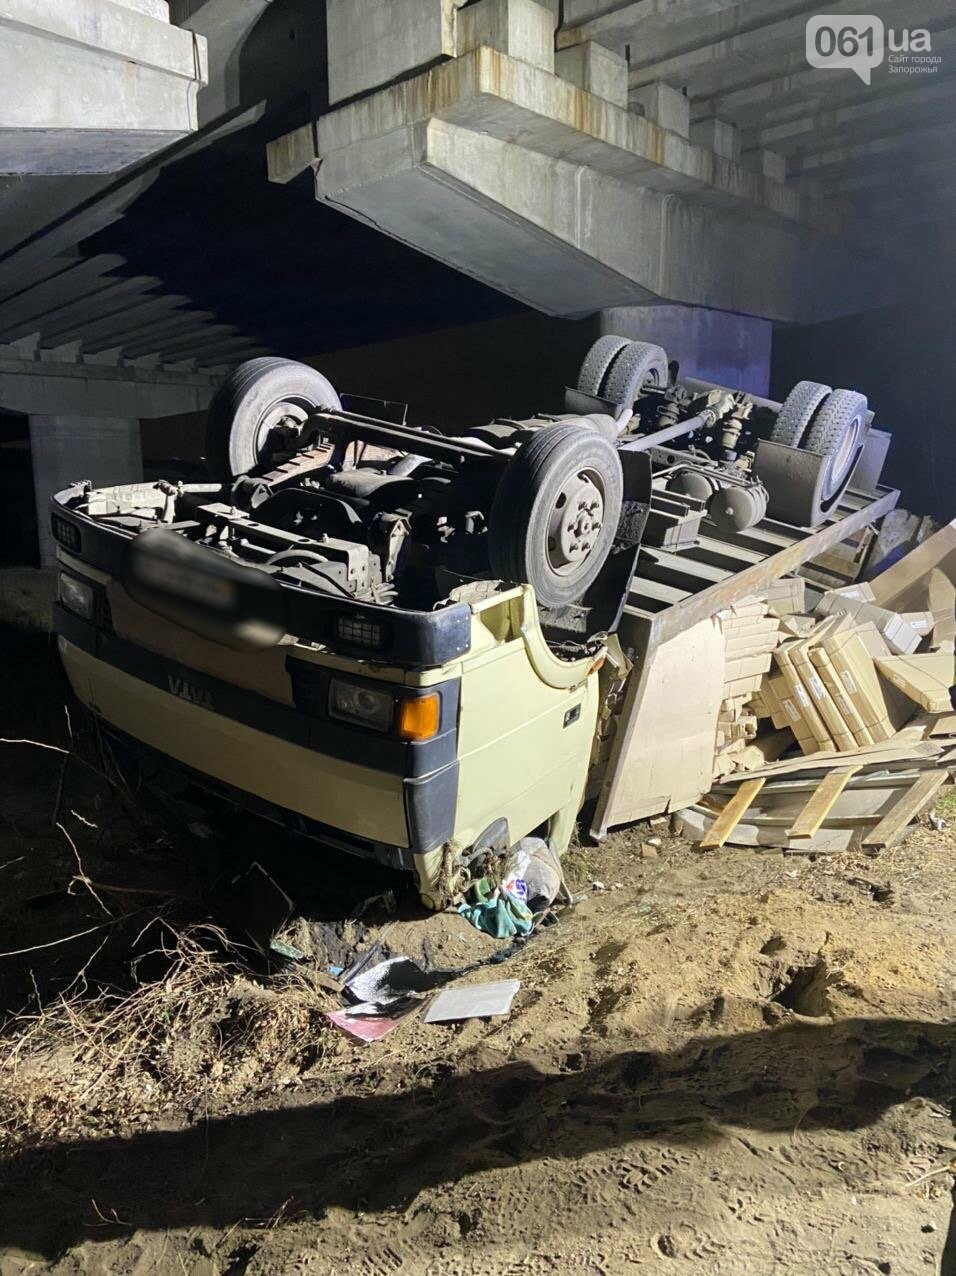 На Хортице перевернулся грузовик - водитель был пьяным, фото-1